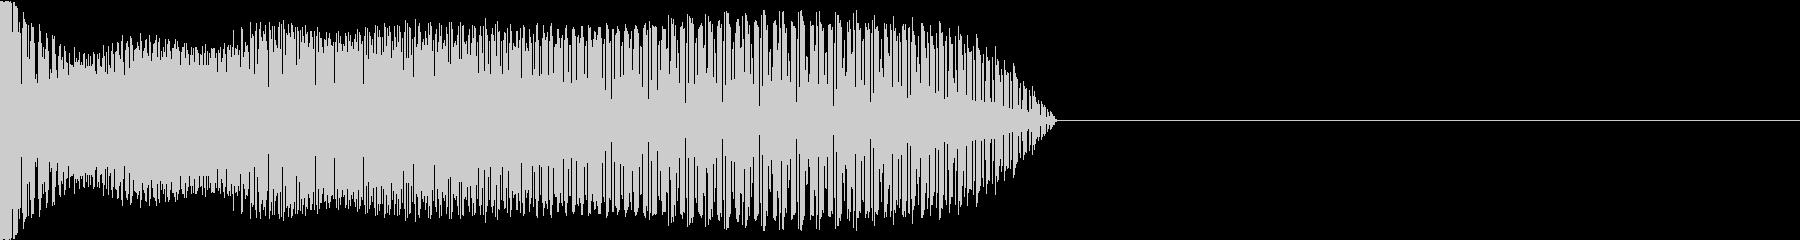 なんか出てくる音 ロボット編の未再生の波形